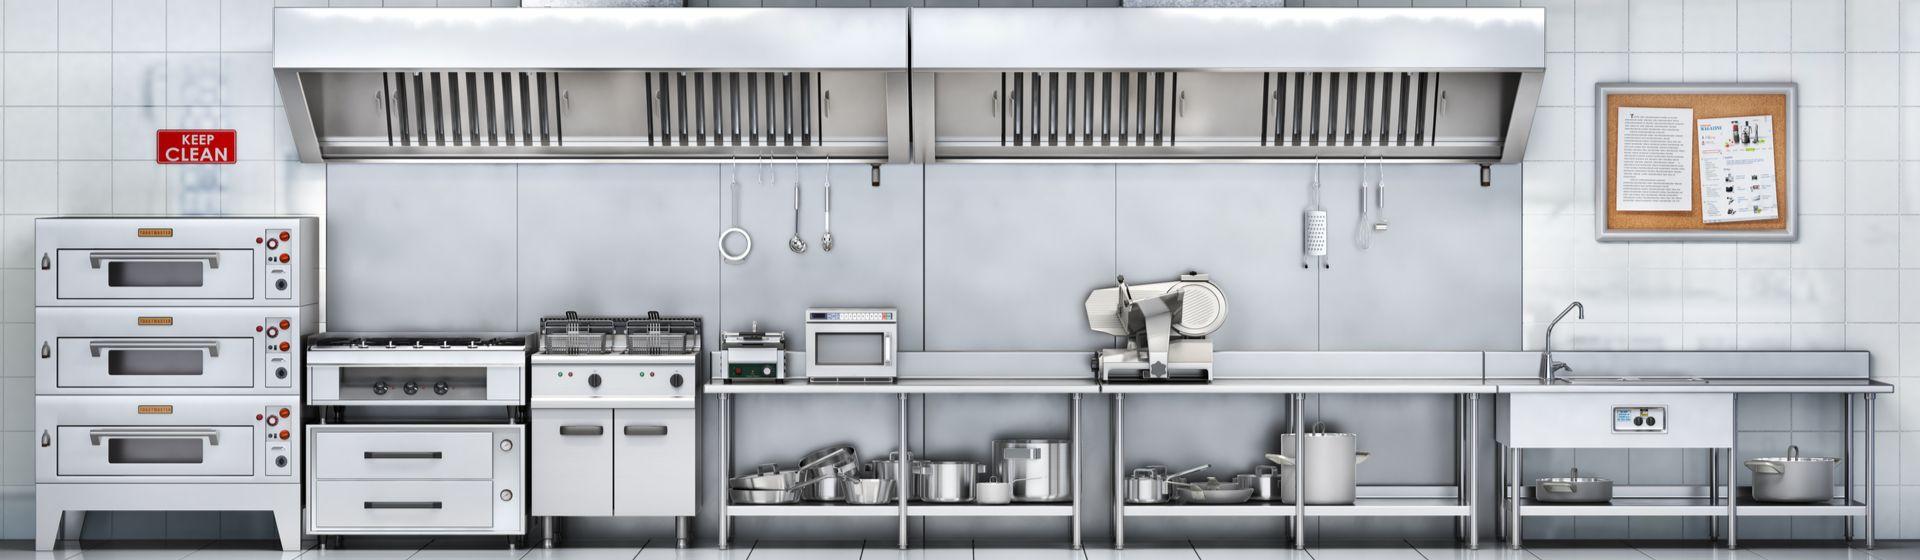 Como montar cozinha industrial: confira as dicas